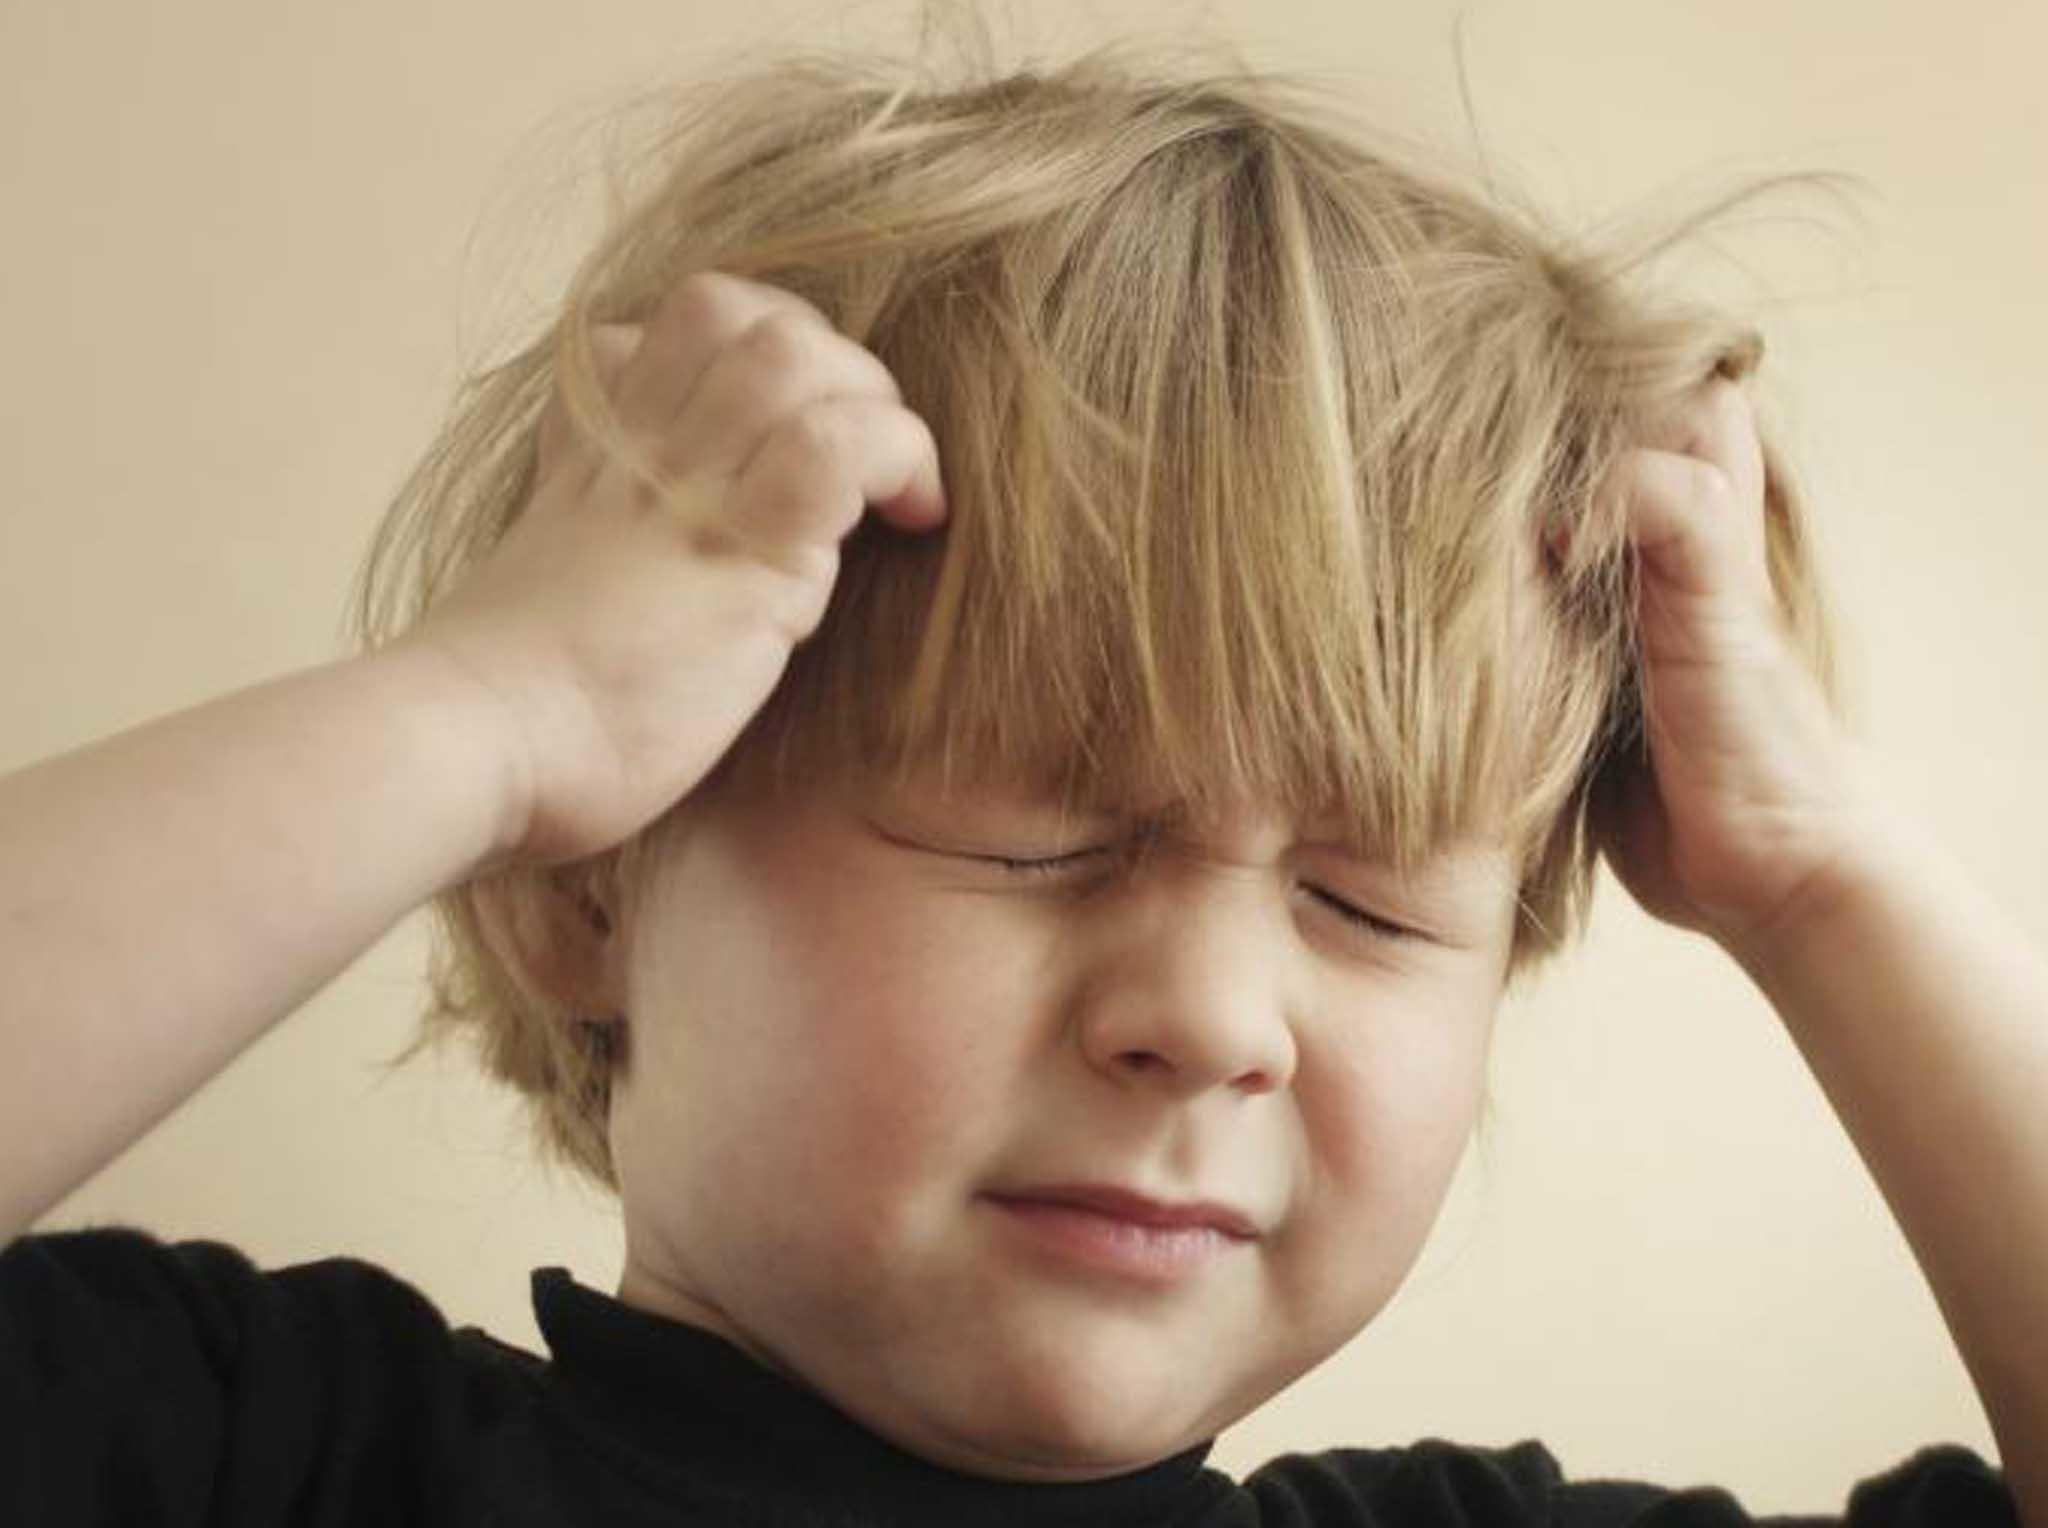 comment se dbarrasser des poux une fois pour toutes protgez vousca - Poux Sur Cheveux Colors